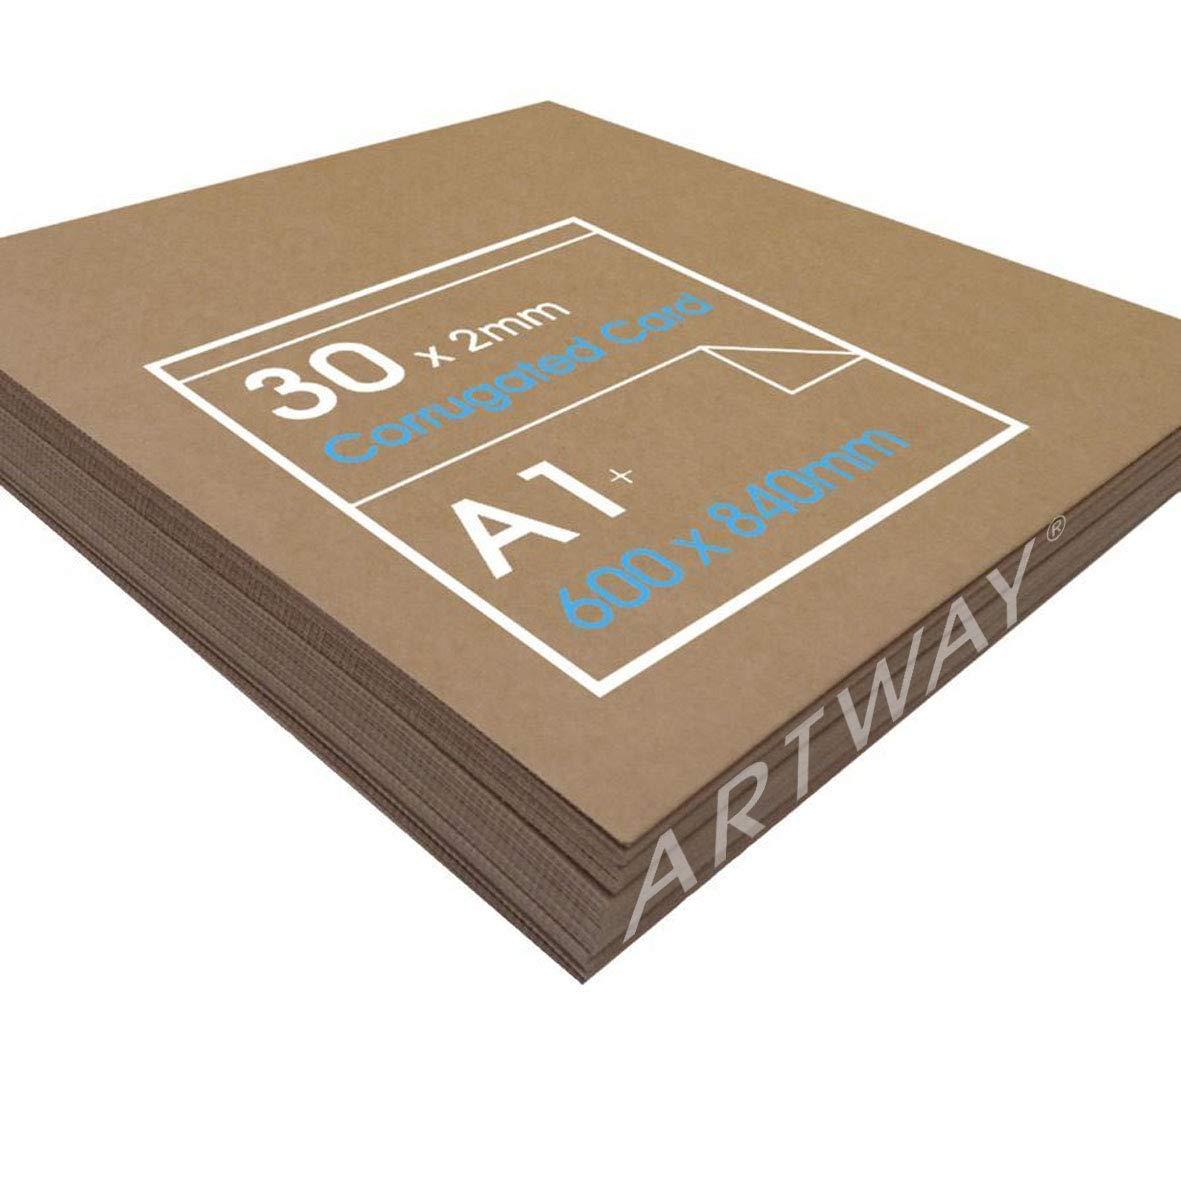 Cartone corrugato per disegno artistico, fai-da-te, modellismo. 50 fogli, dimensioni 840 x 600 x 1mm Smurfit Kappa